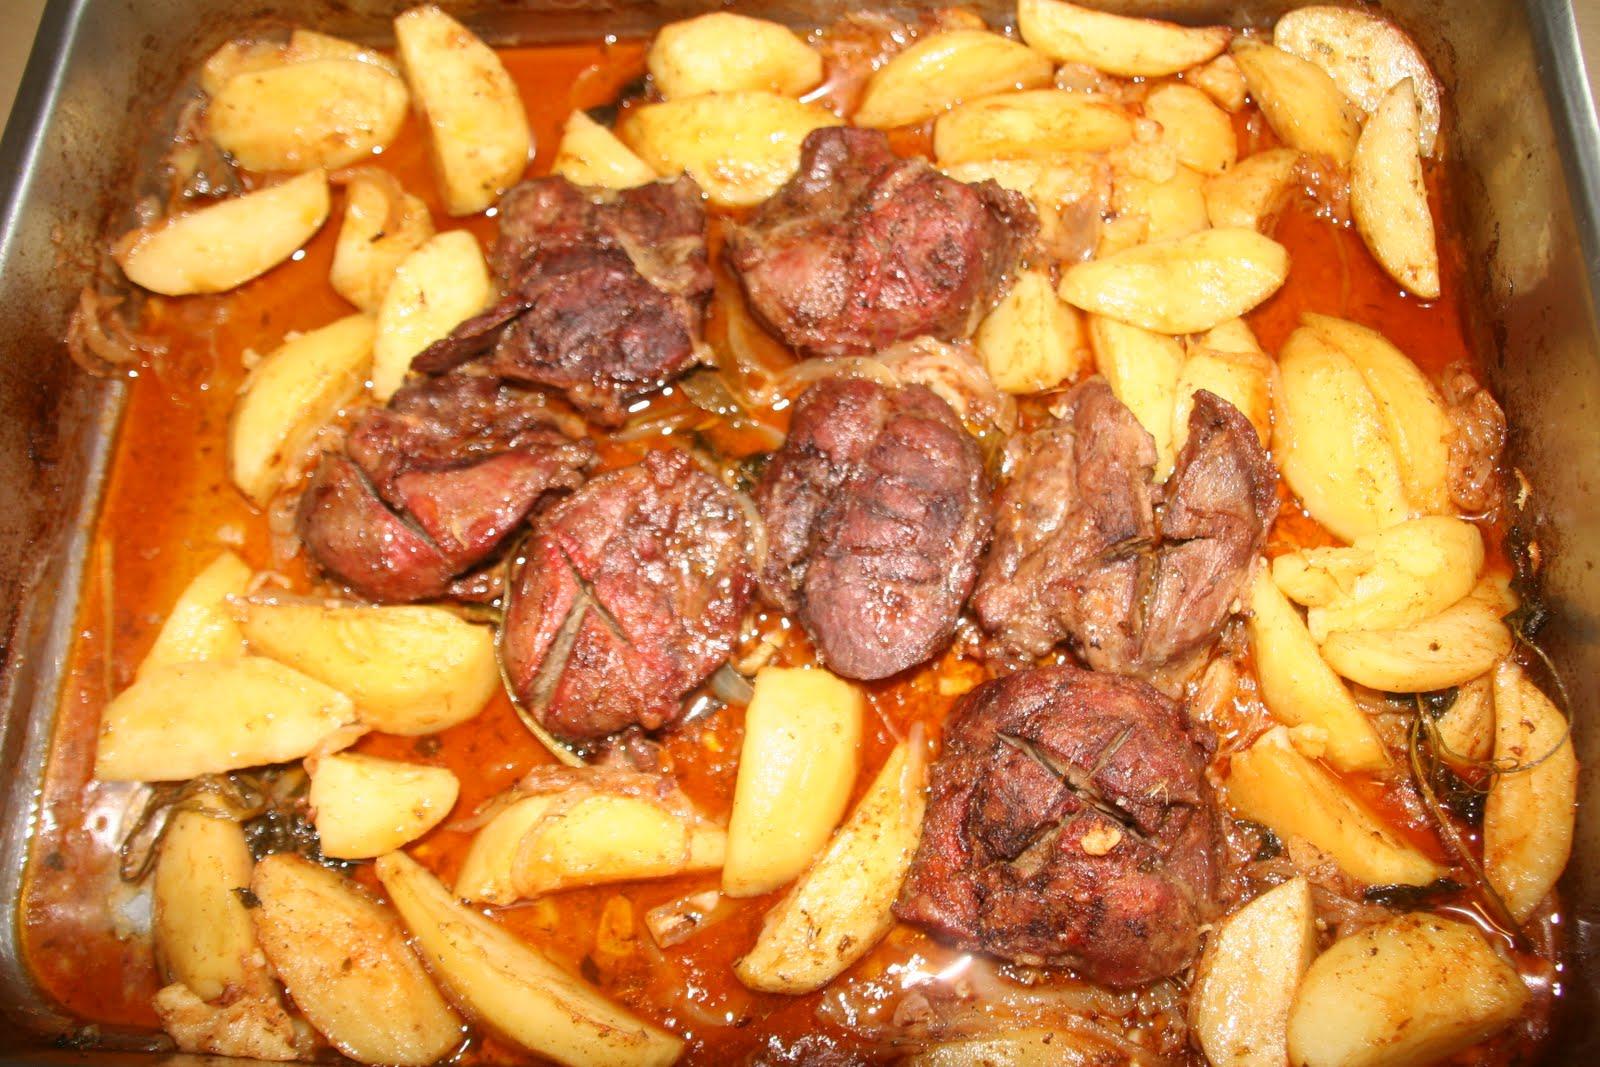 Bochechas de porco preto no forno